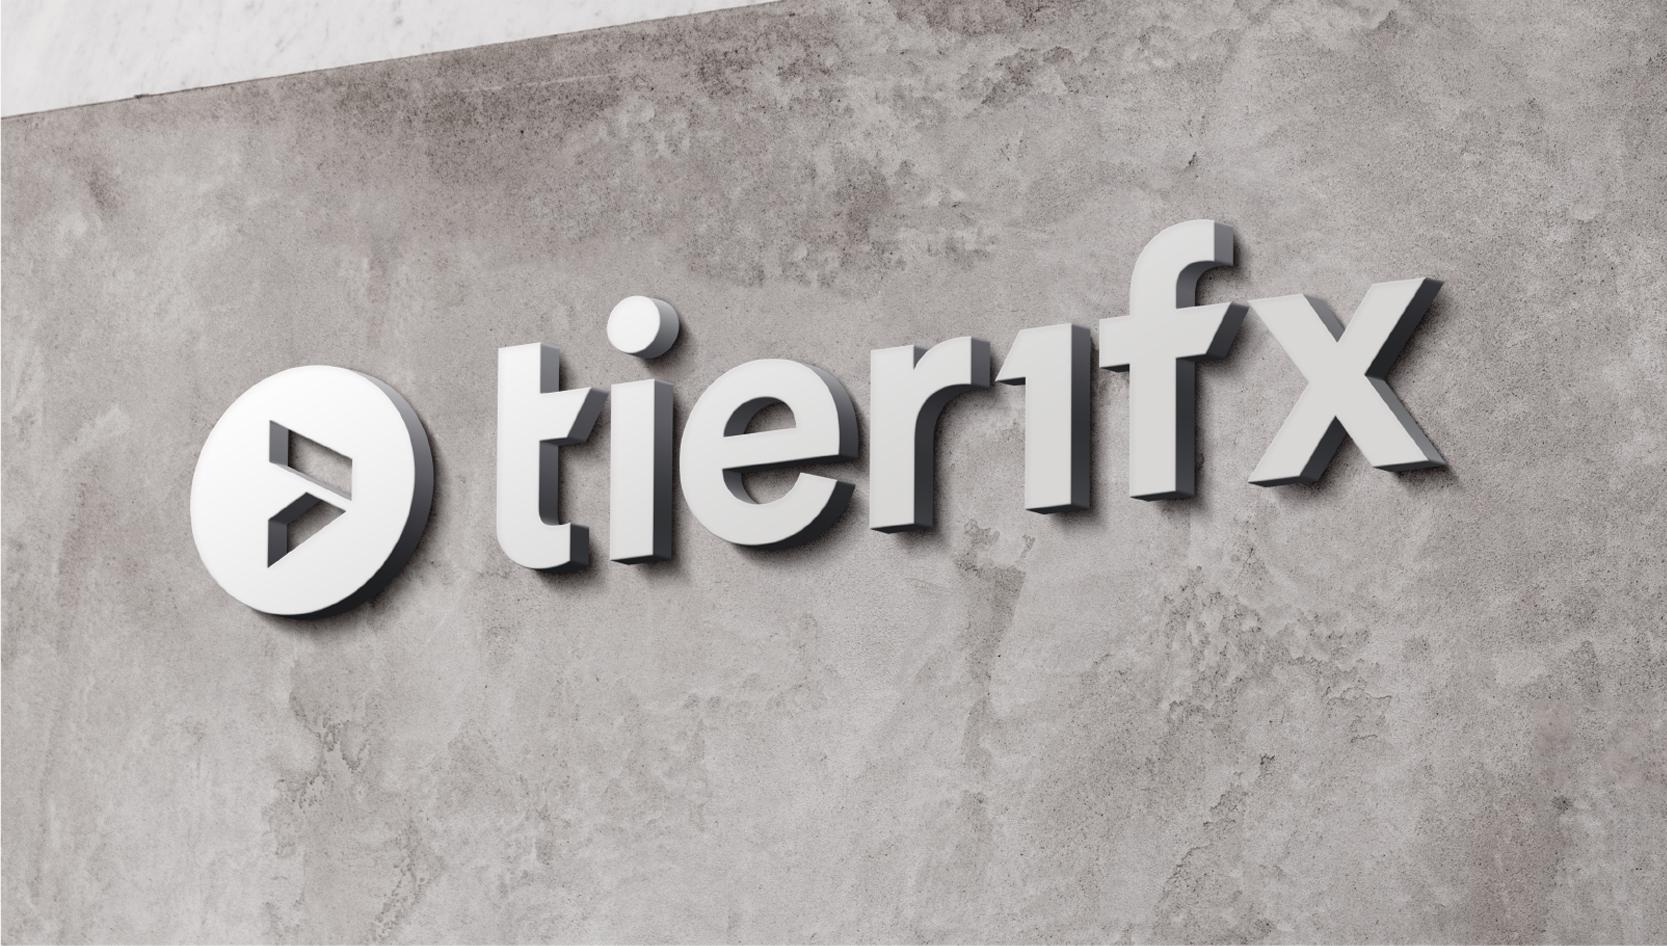 Tier1fx Estrategia y Branding